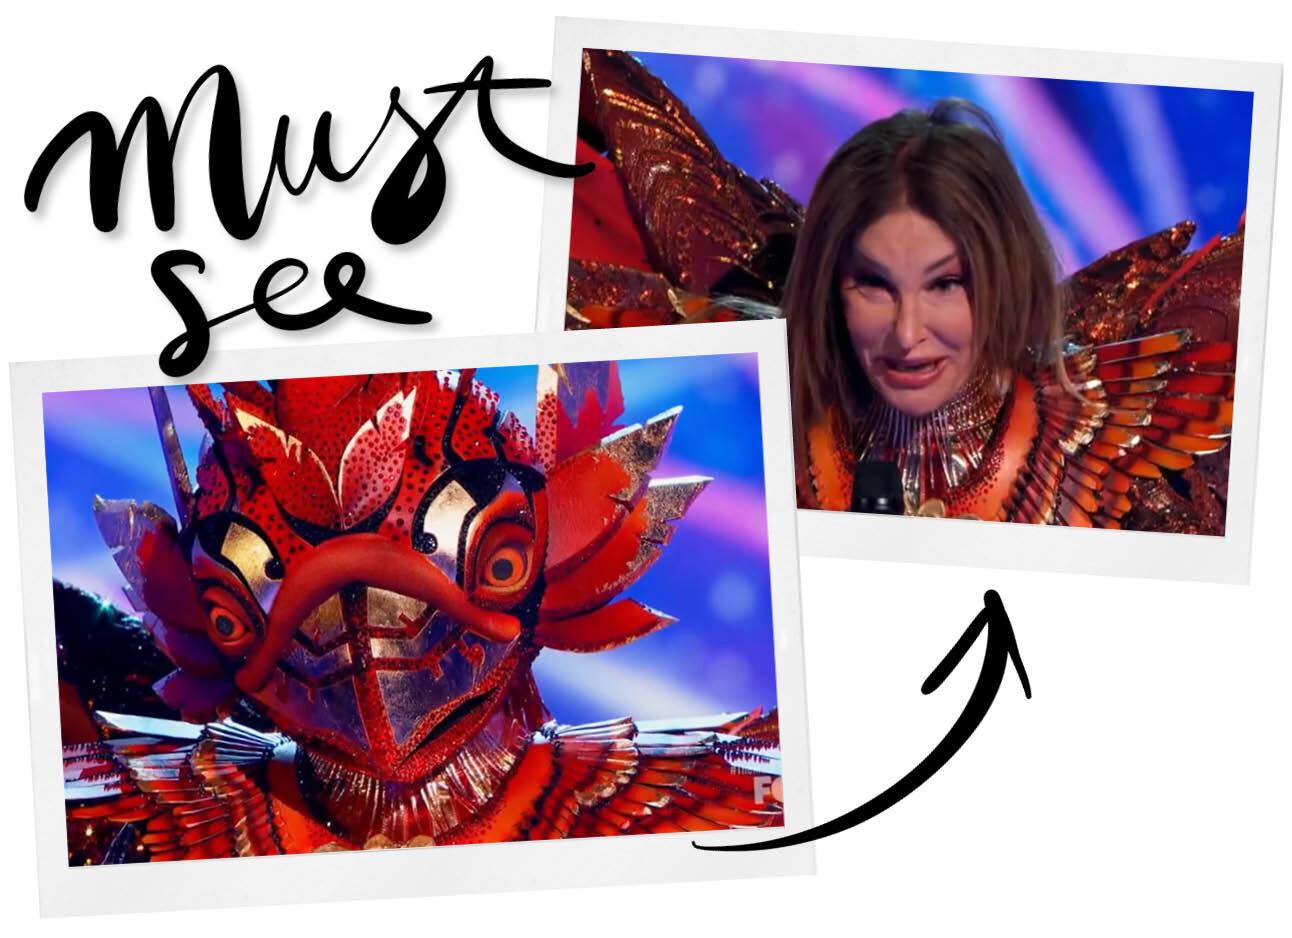 Caitlyn Jenner die bij The Masked Singer optreedt is het leukste wat je vandaag gaat zien